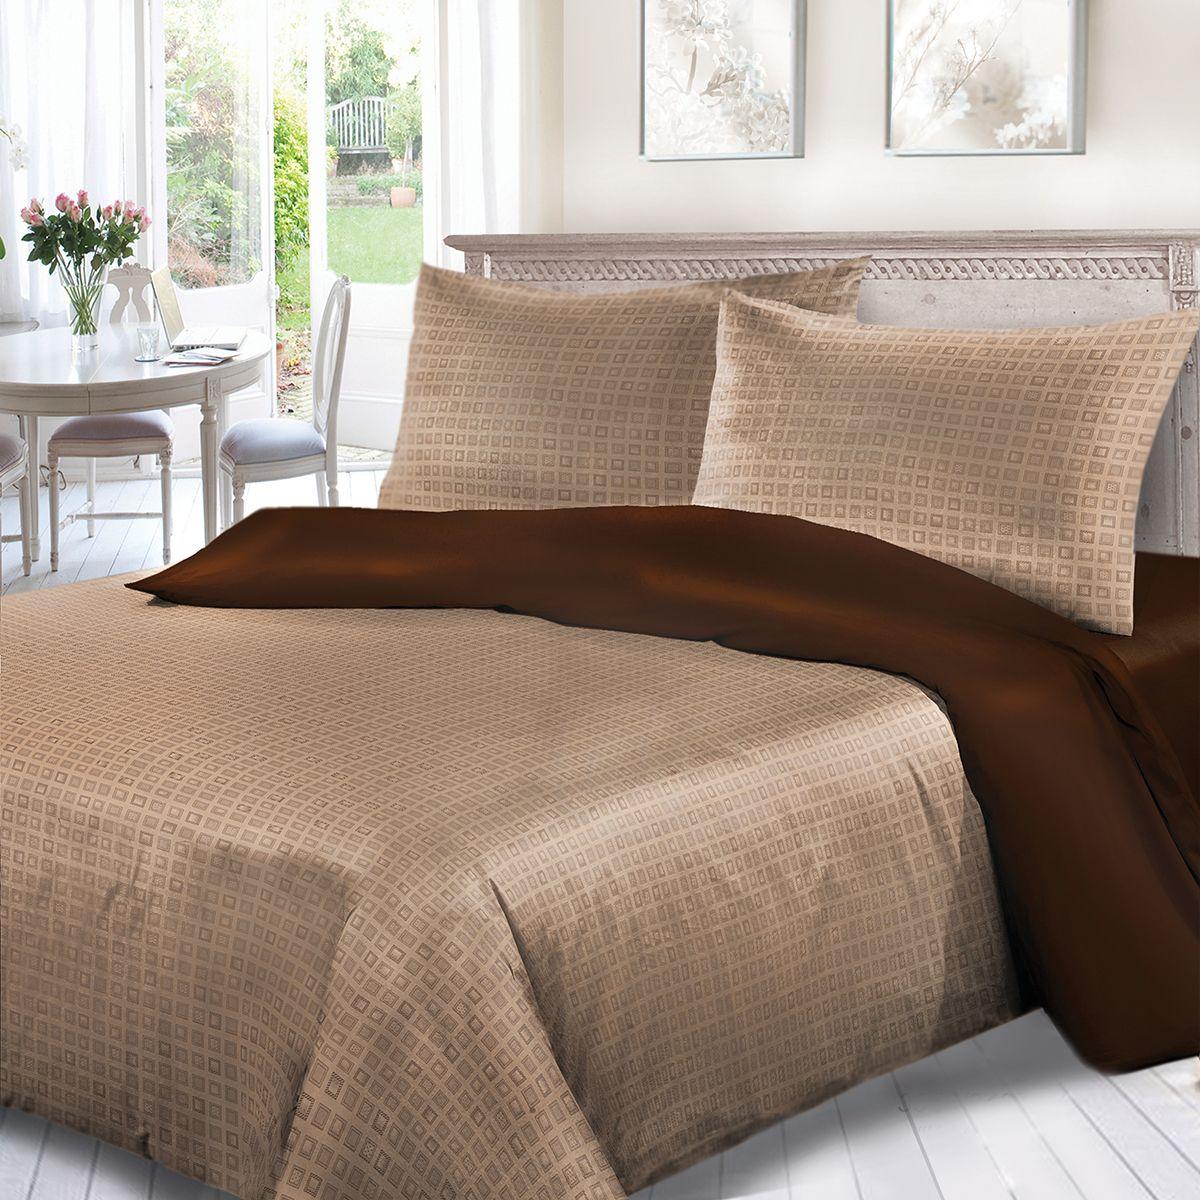 Комплект белья Сорренто Капитолий, семейный, наволочки 70x70, цвет: коричневый. 3556-280283